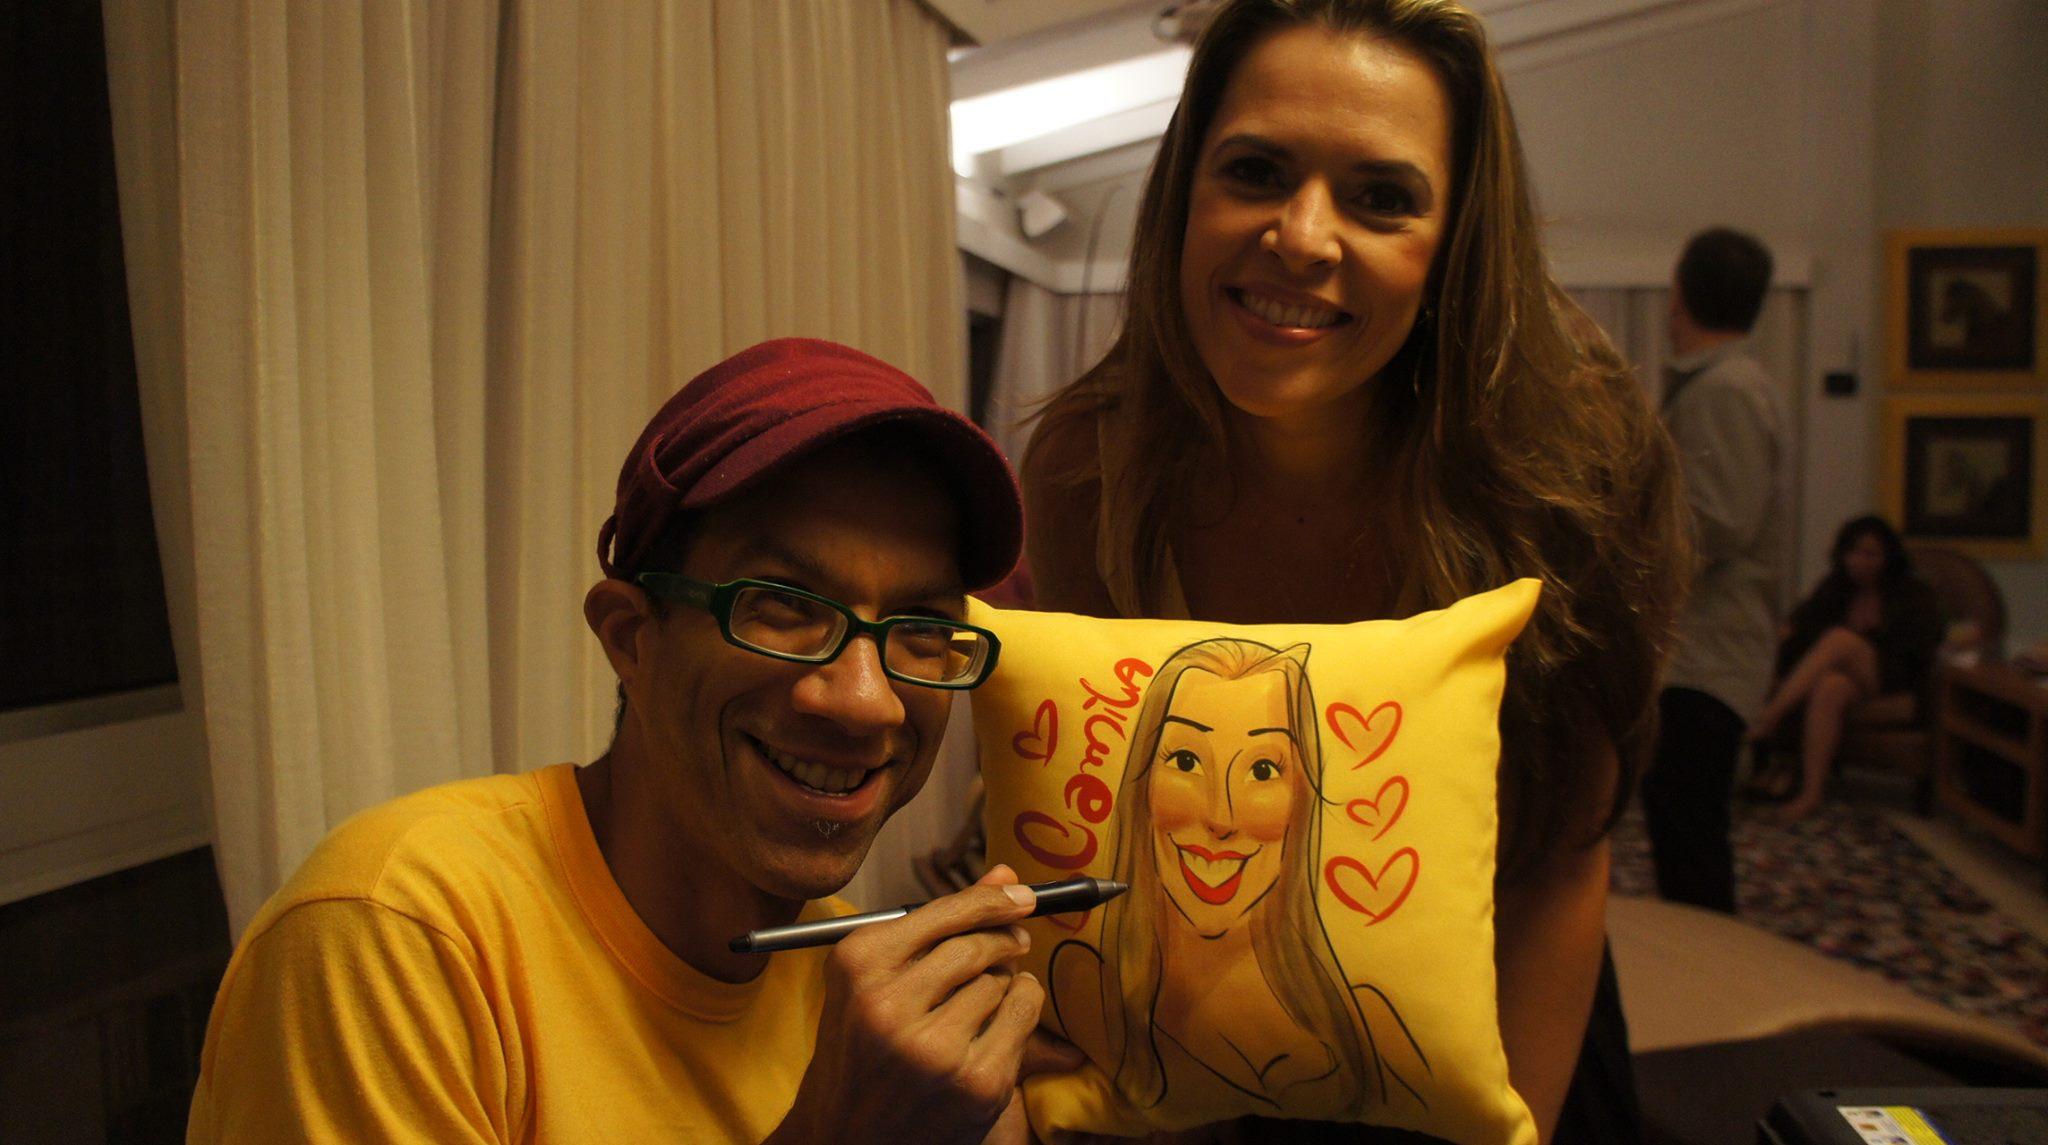 Caricaturas ao vivo em almofadas no Rio de Janeiro